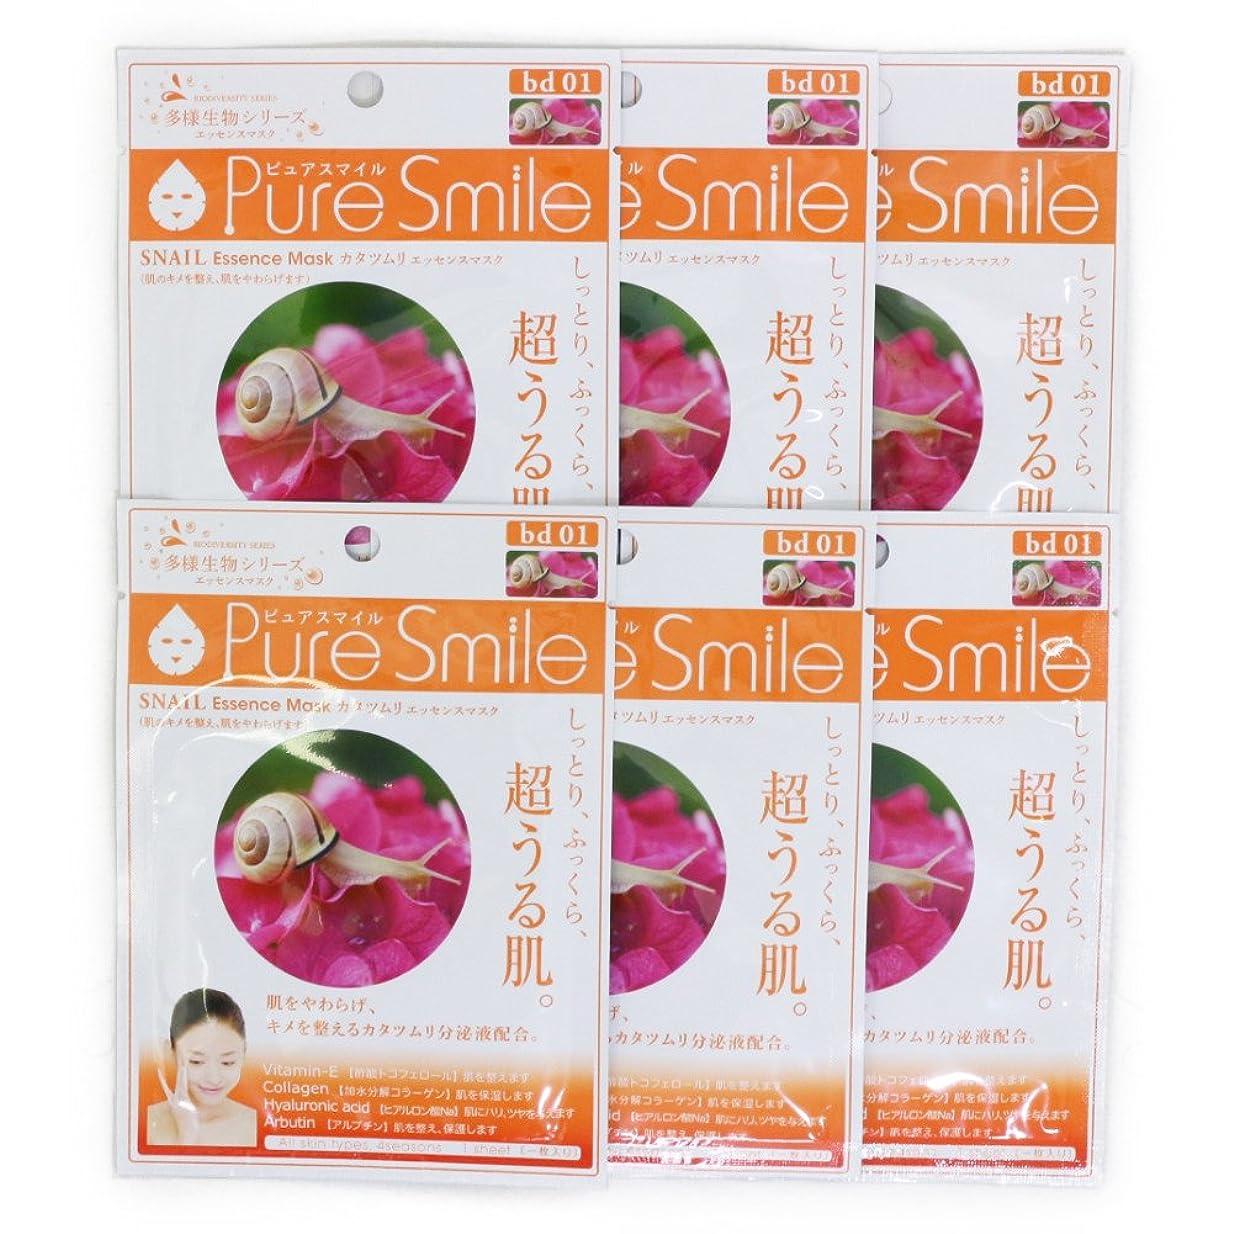 シェード中世の奇妙なPure Smile ピュアスマイル 多様生物エッセンスマスク カタツムリ 6枚セット